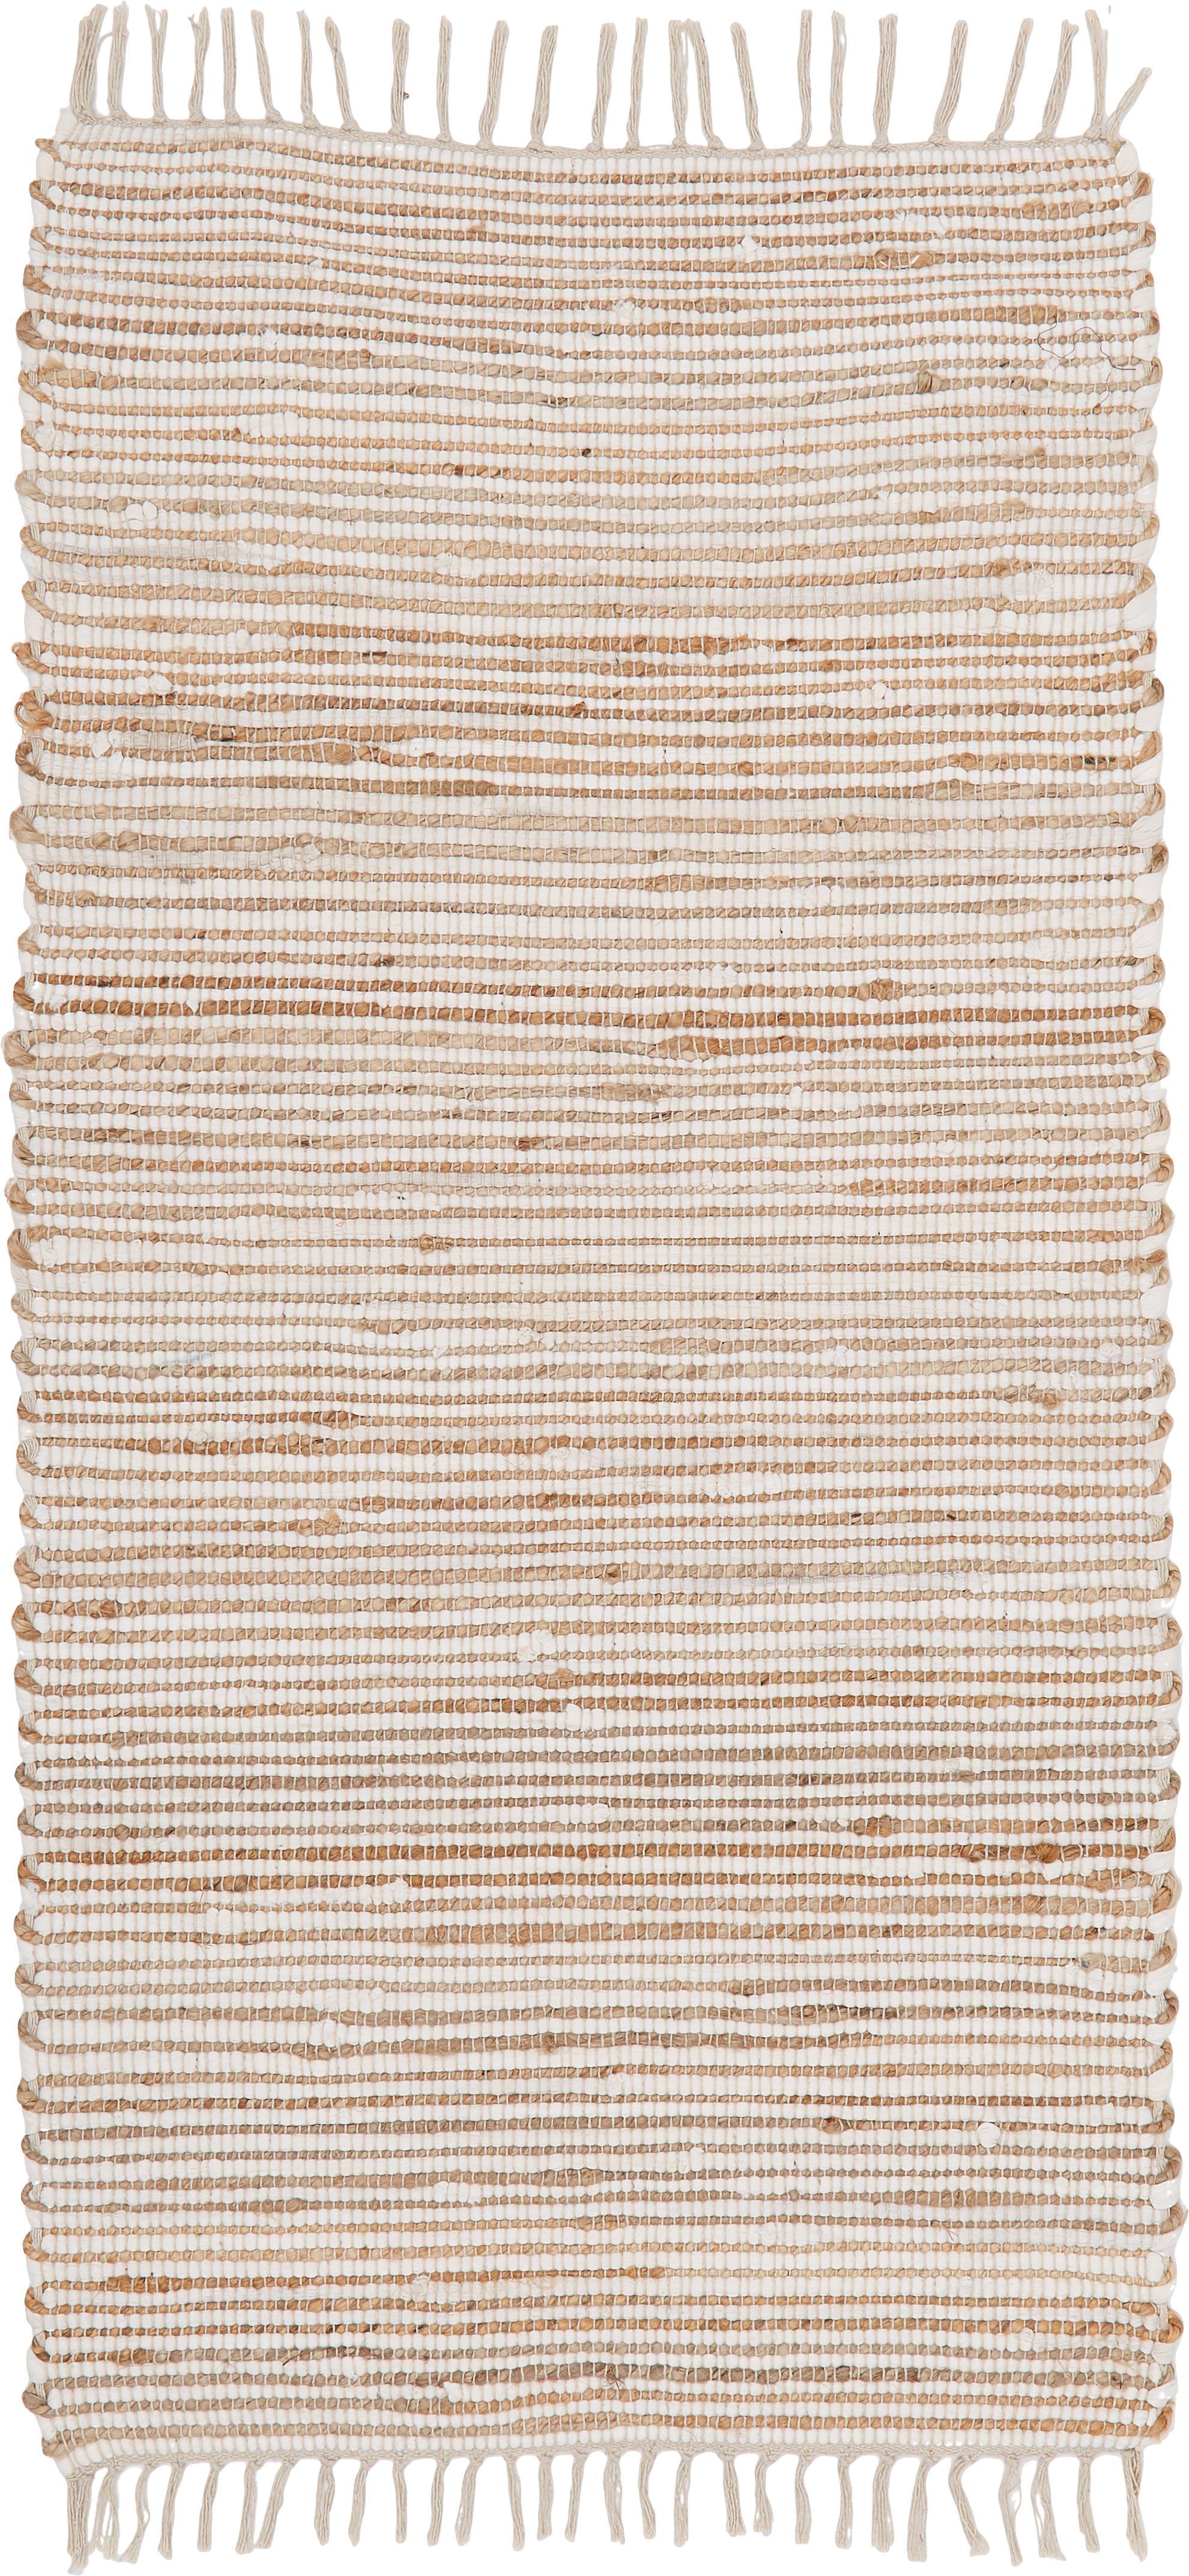 Dywan z bawełny/włókna konopnego Arlid, 60% bawełna, 40% włokno konopne, Kremowy, beżowy, S 60 x D 120 cm (Rozmiar XS)